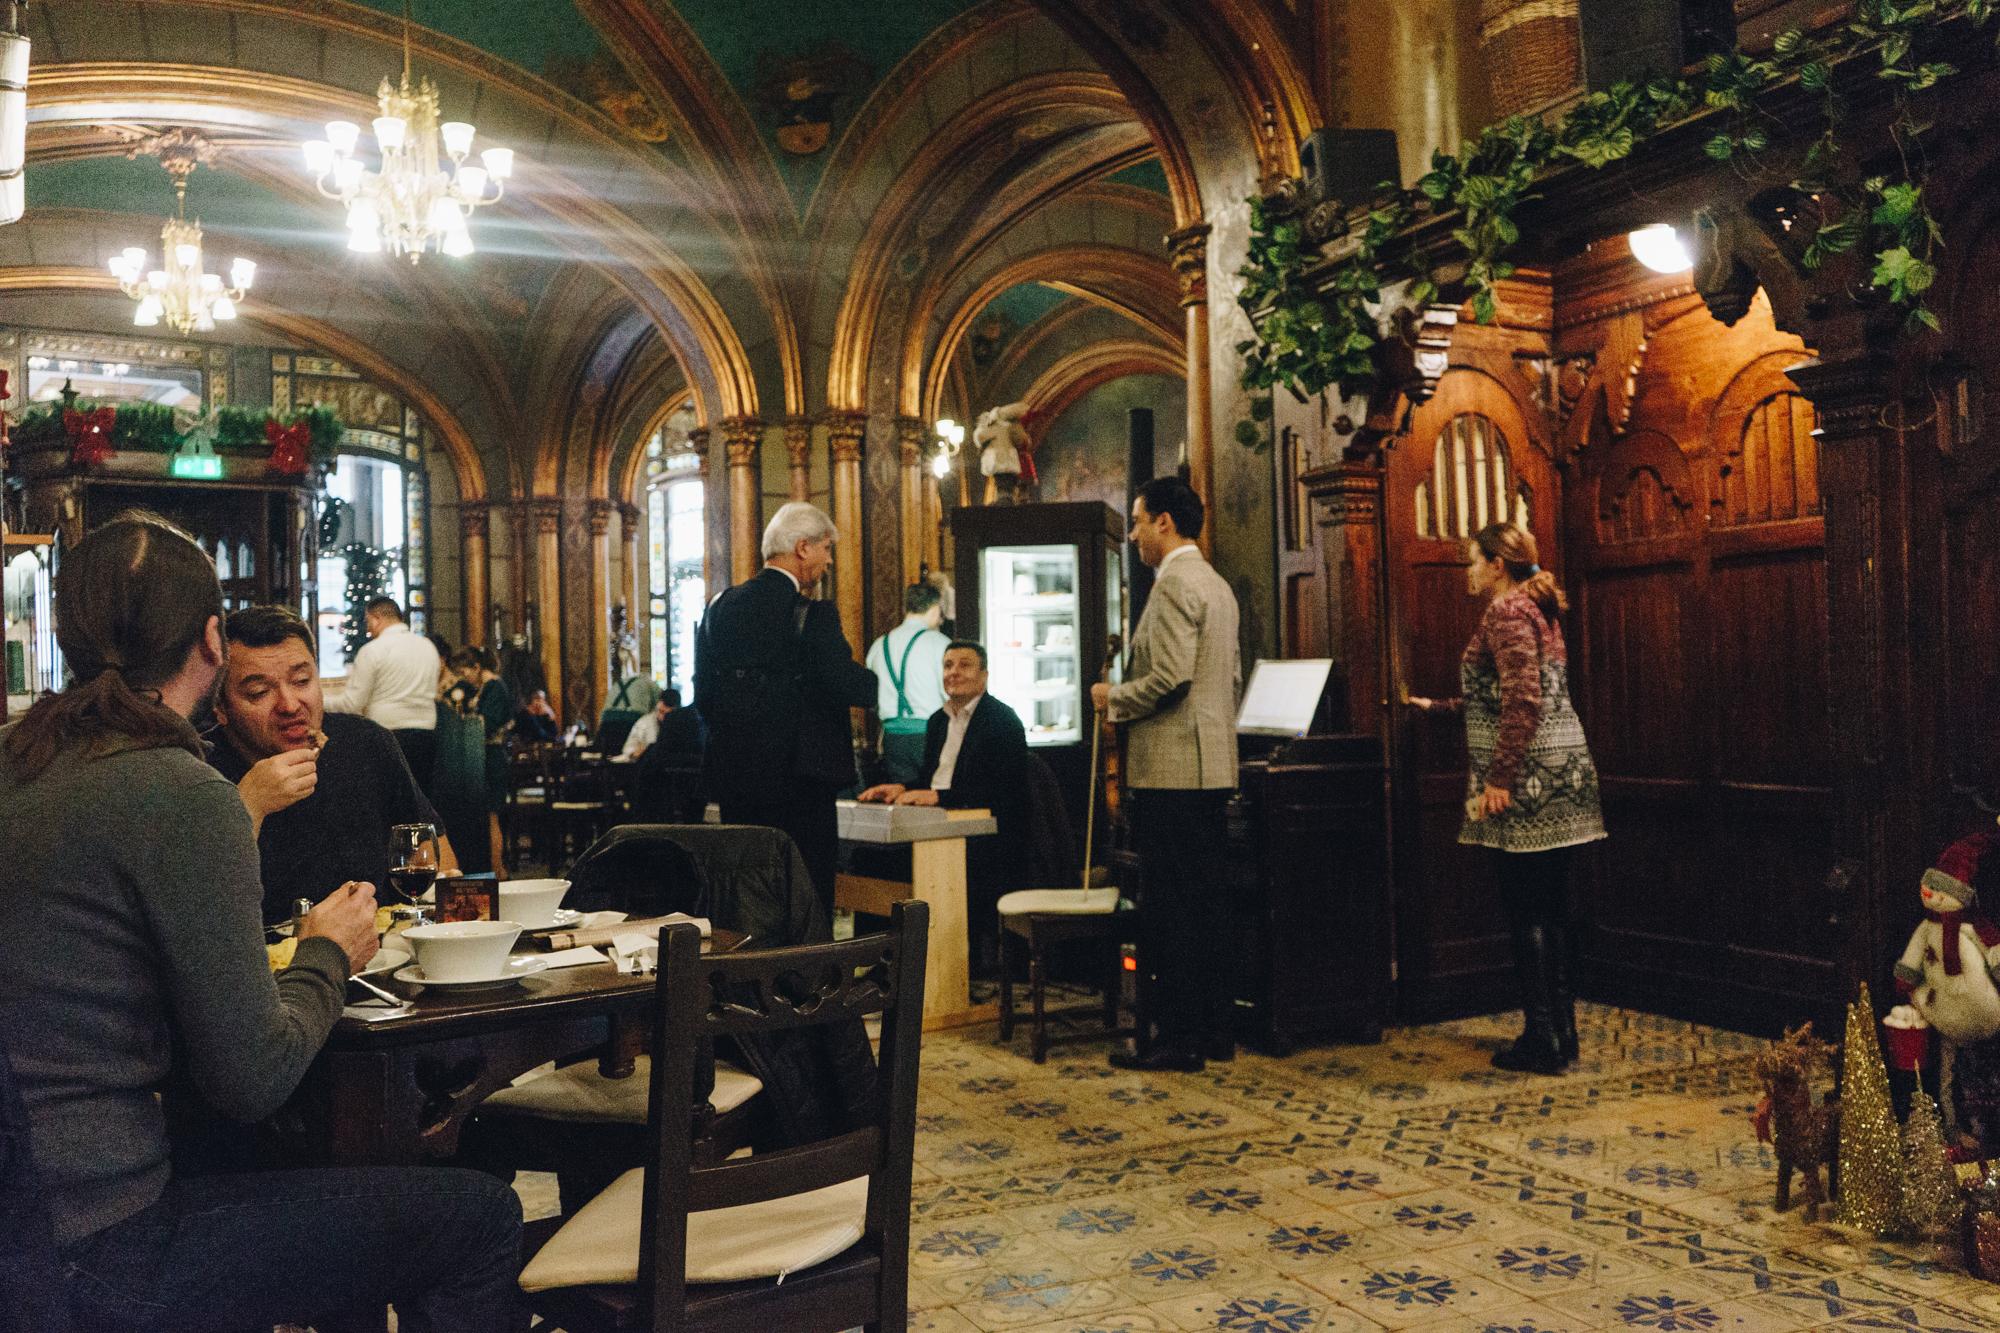 Caru cu Bere Restaurant in Bucharest Romania